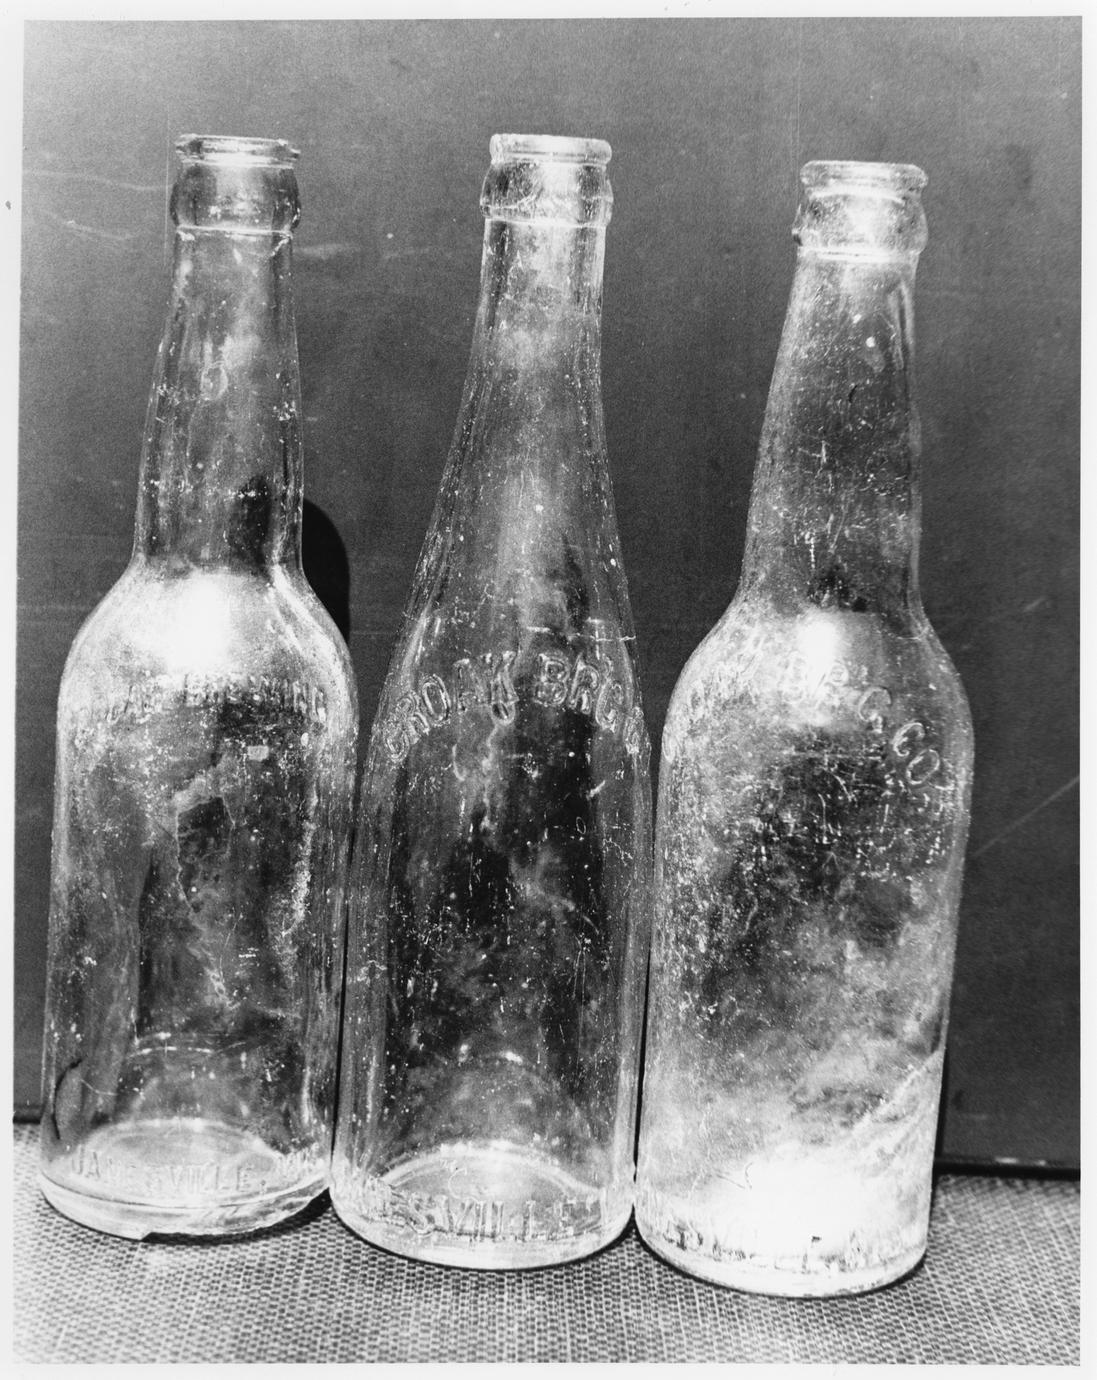 Croak Brewery bottles